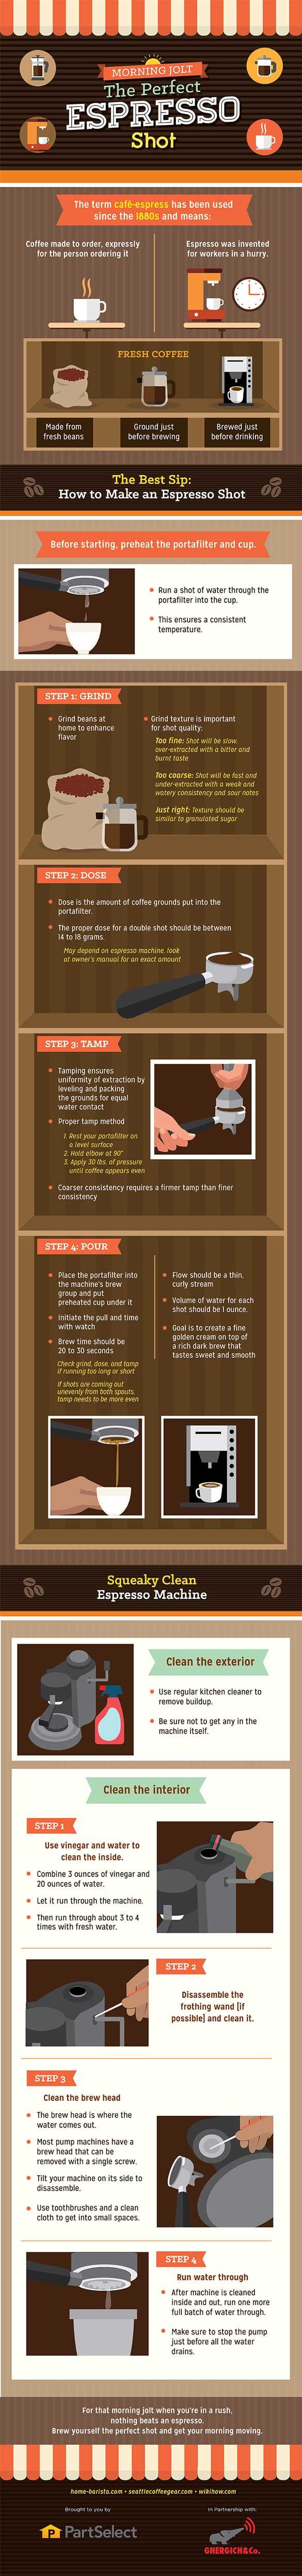 how-to-make-espresso-585